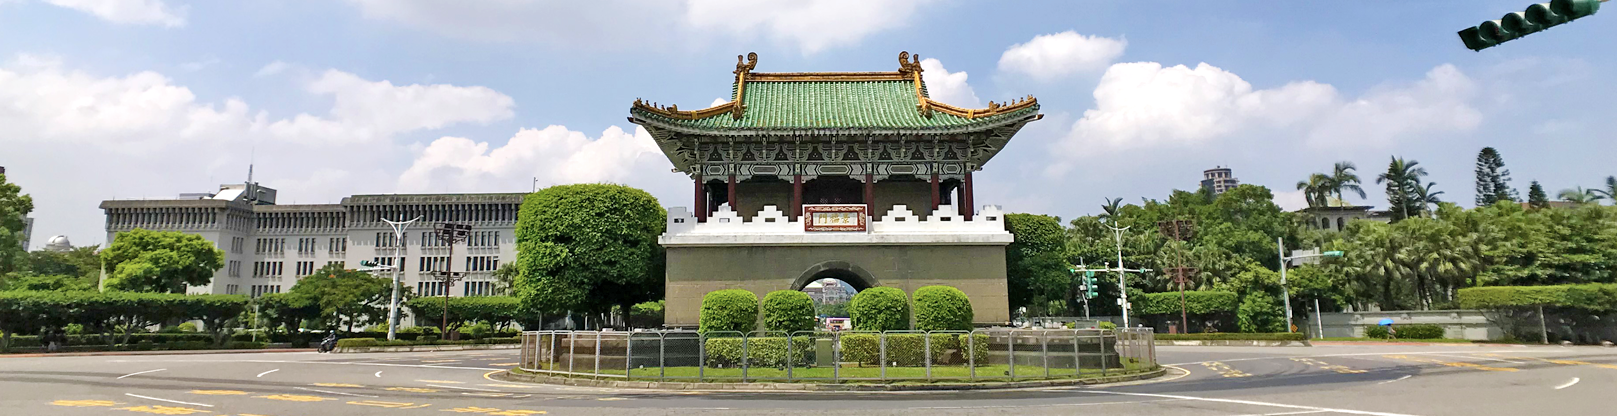 臺北府城東門(景福門)街景